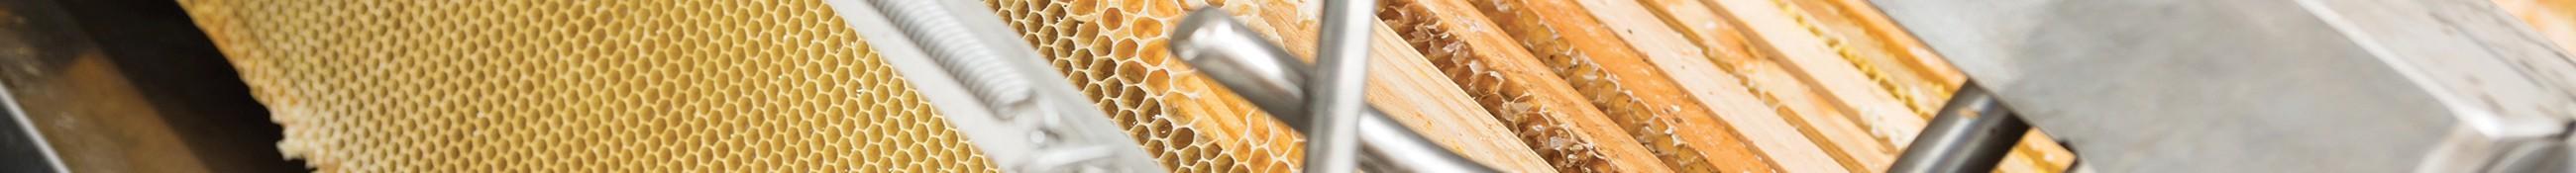 Extraire au-delà de 100 ruches